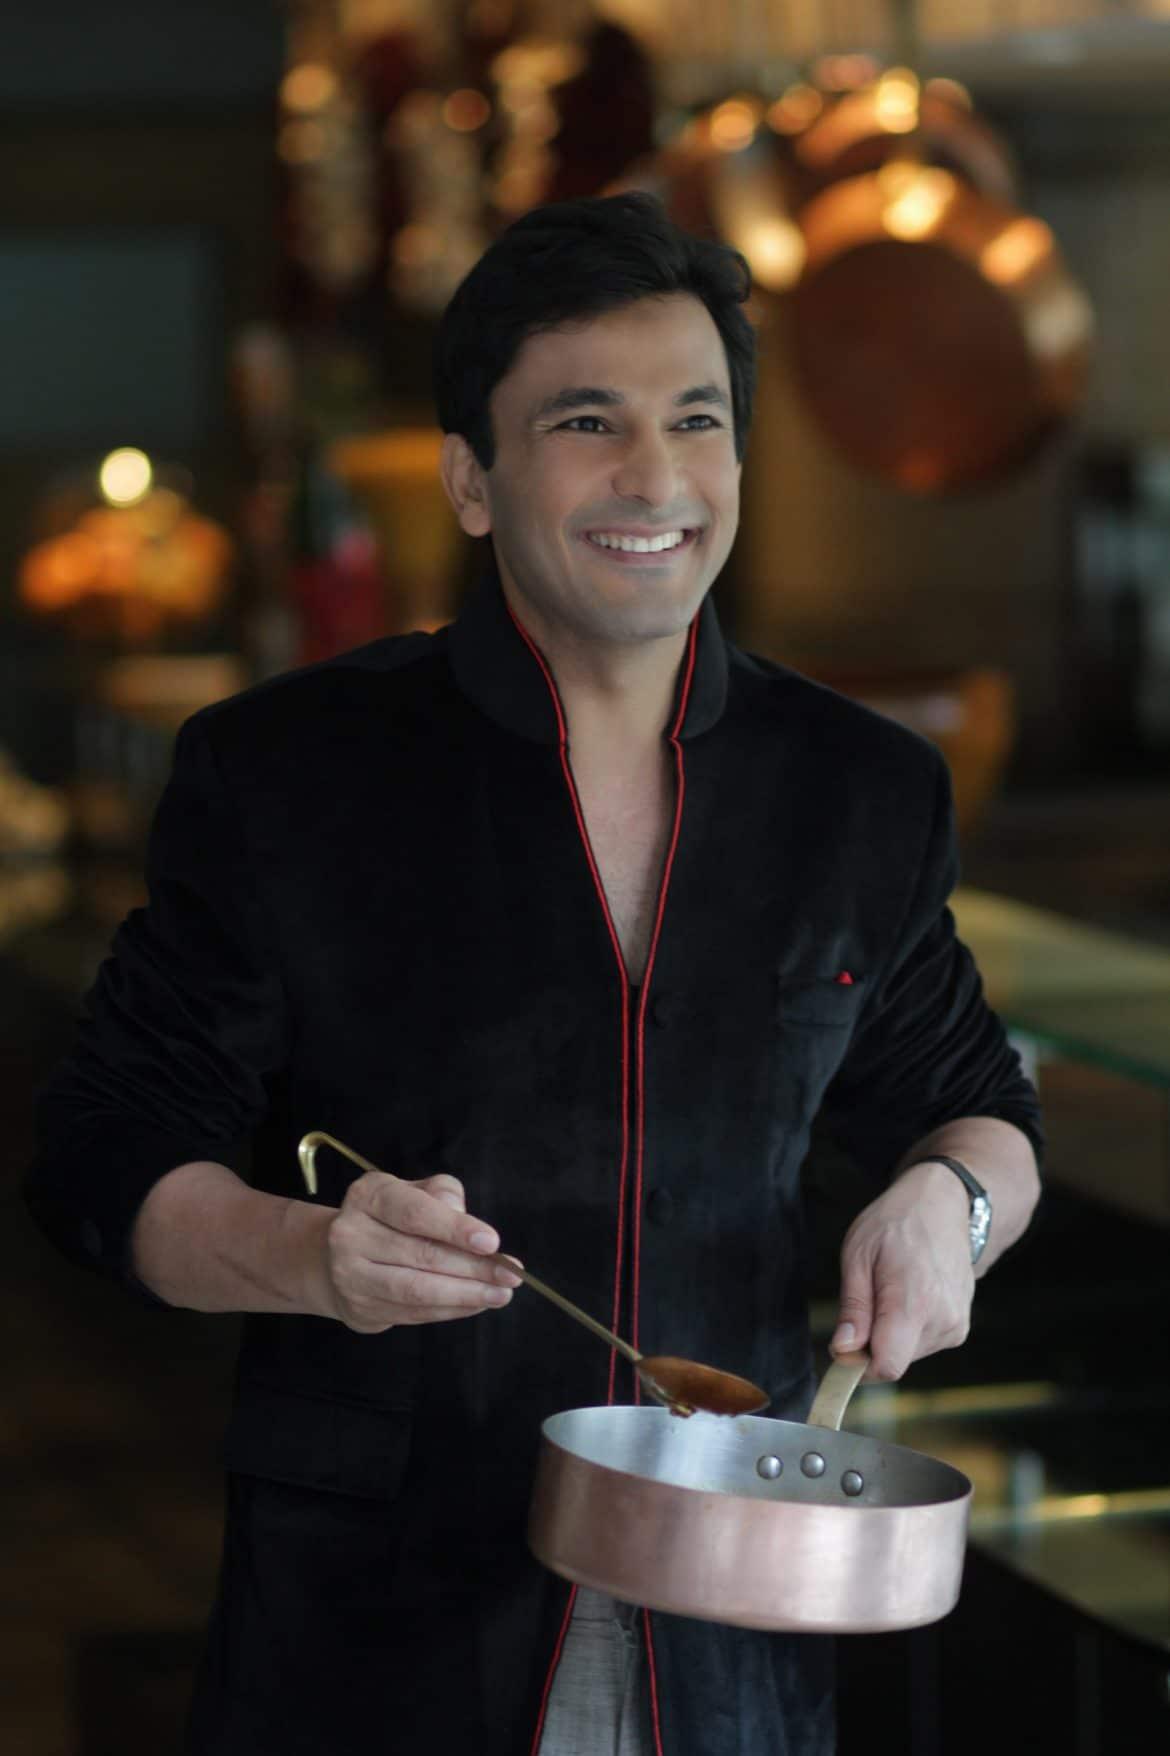 مطعم كينارا من فيكاس خانا يفتتح أبوابه في دبي